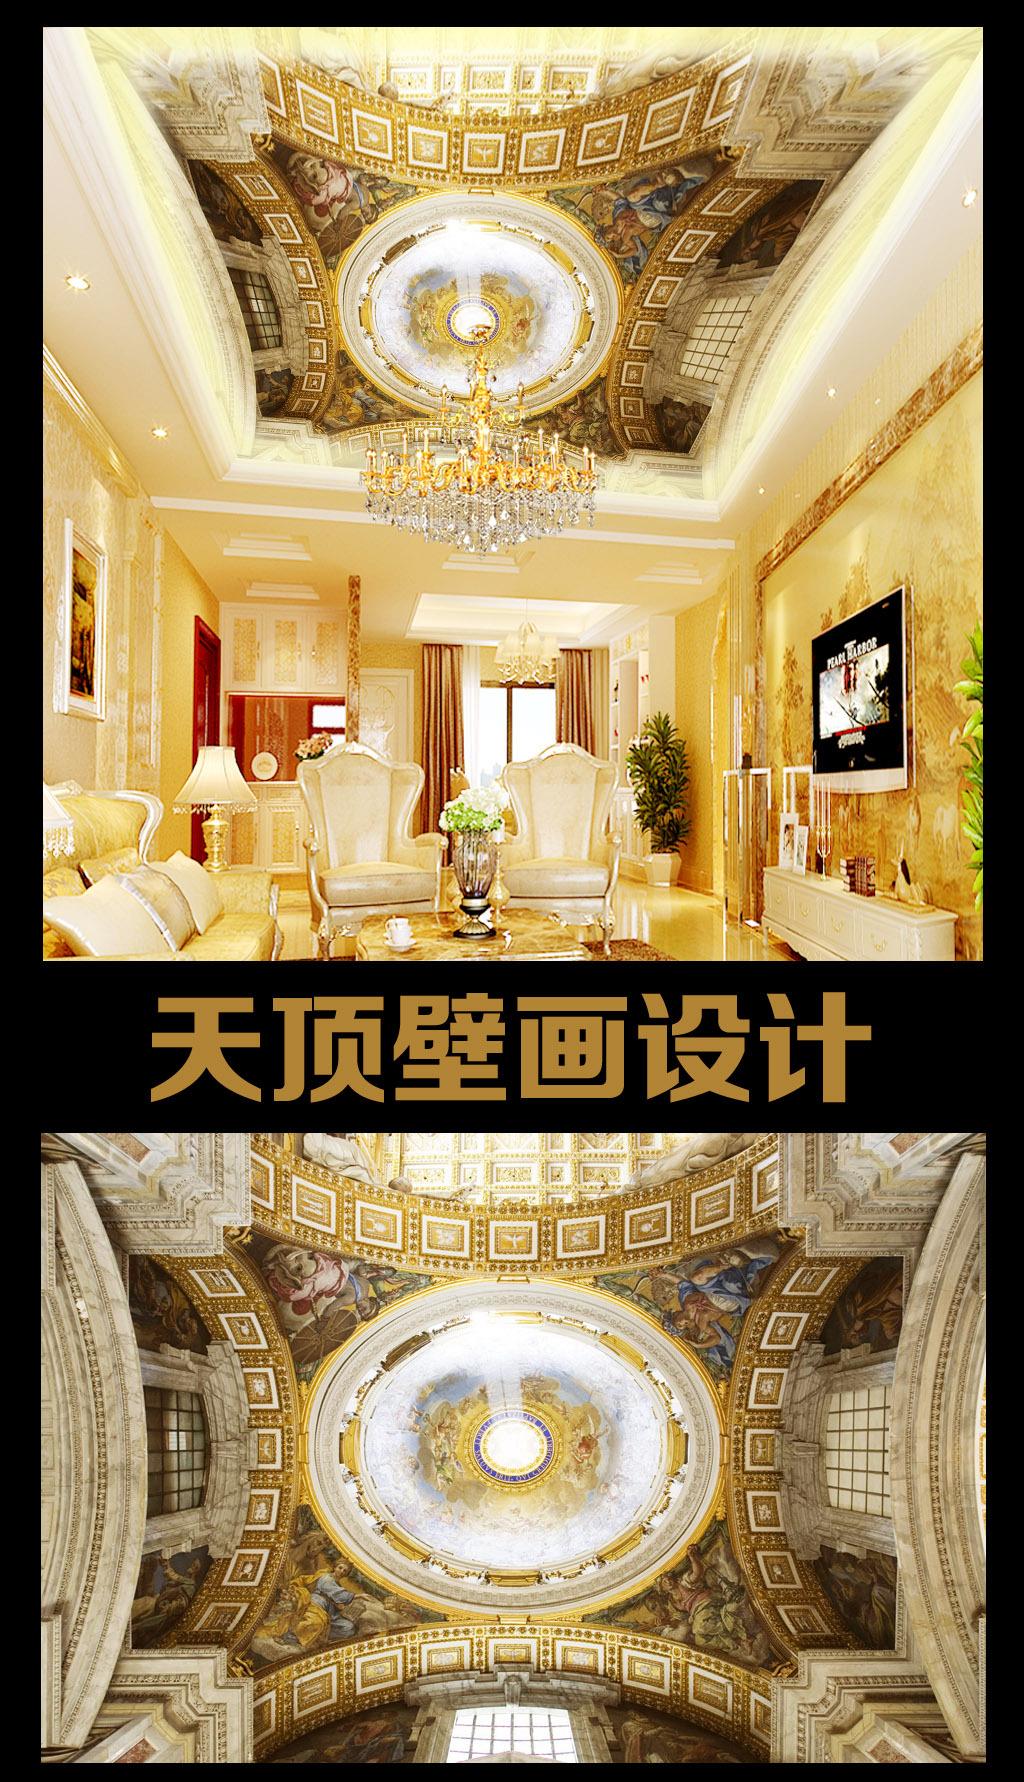 欧式穹顶天顶天花板壁画古典墙纸吊顶画设计